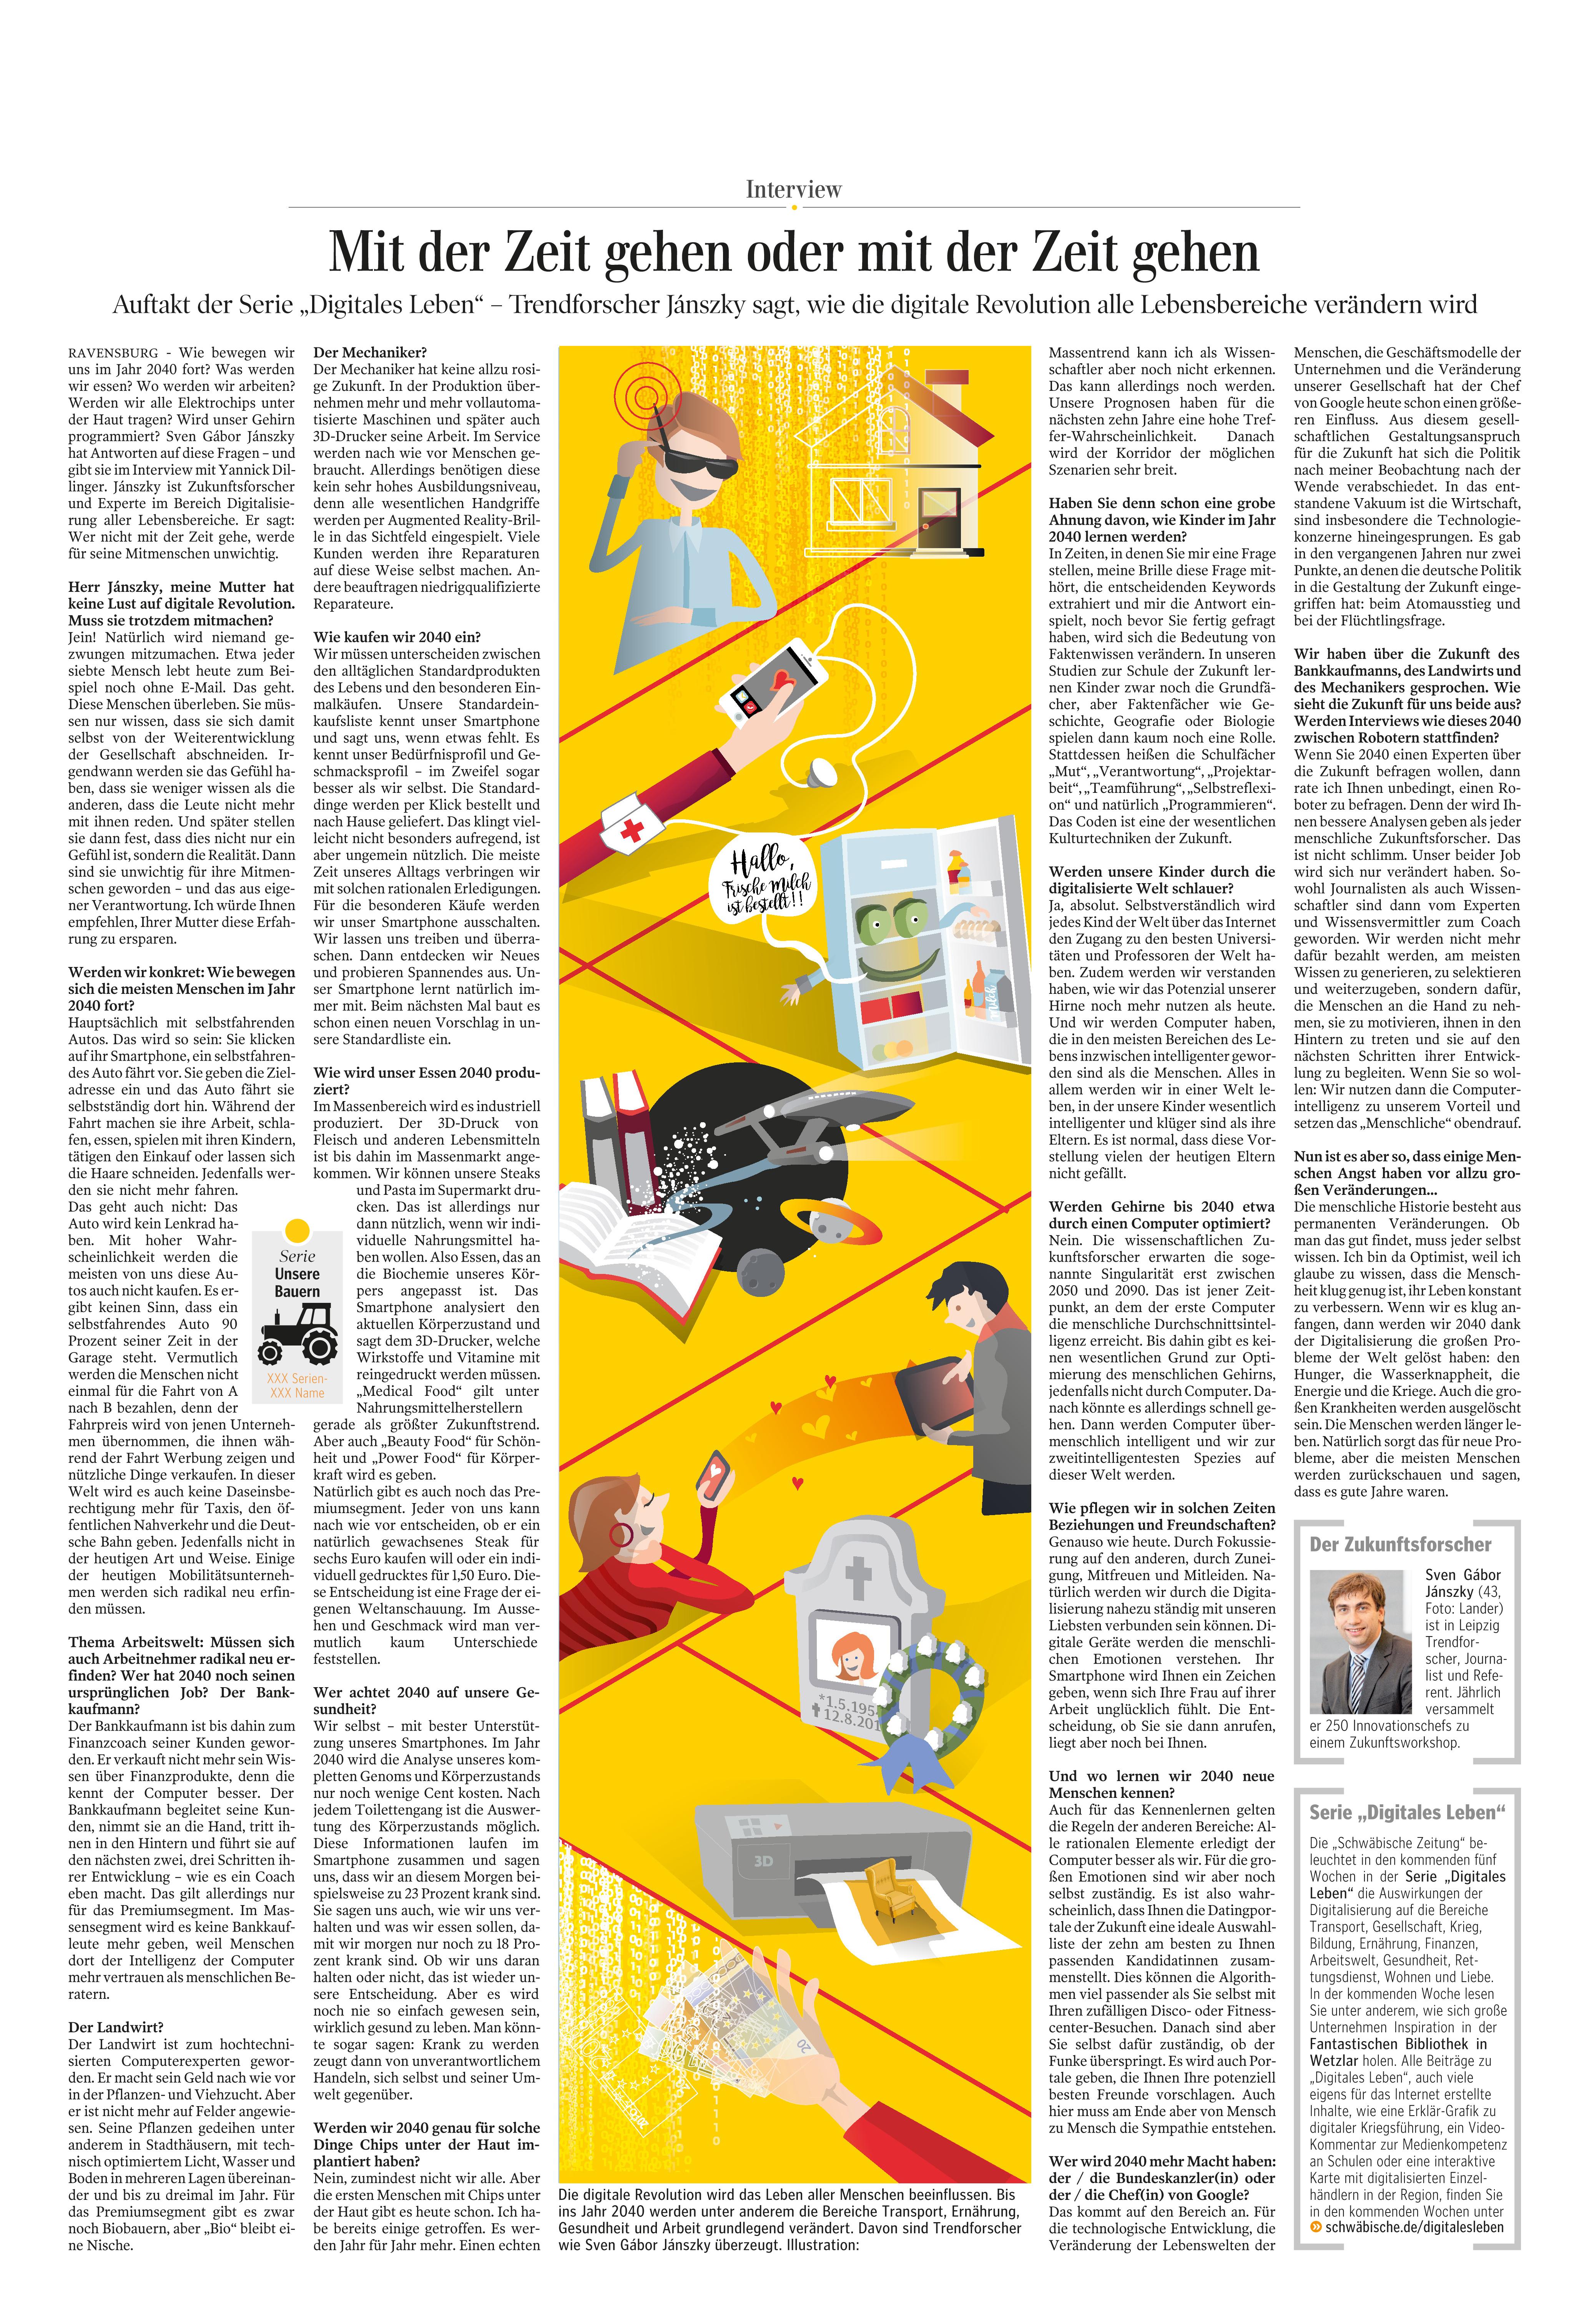 SZ#Schwaebische_Zeitung#.Bank#BIB#HP#IV Zukunftsforscher#1#hilde